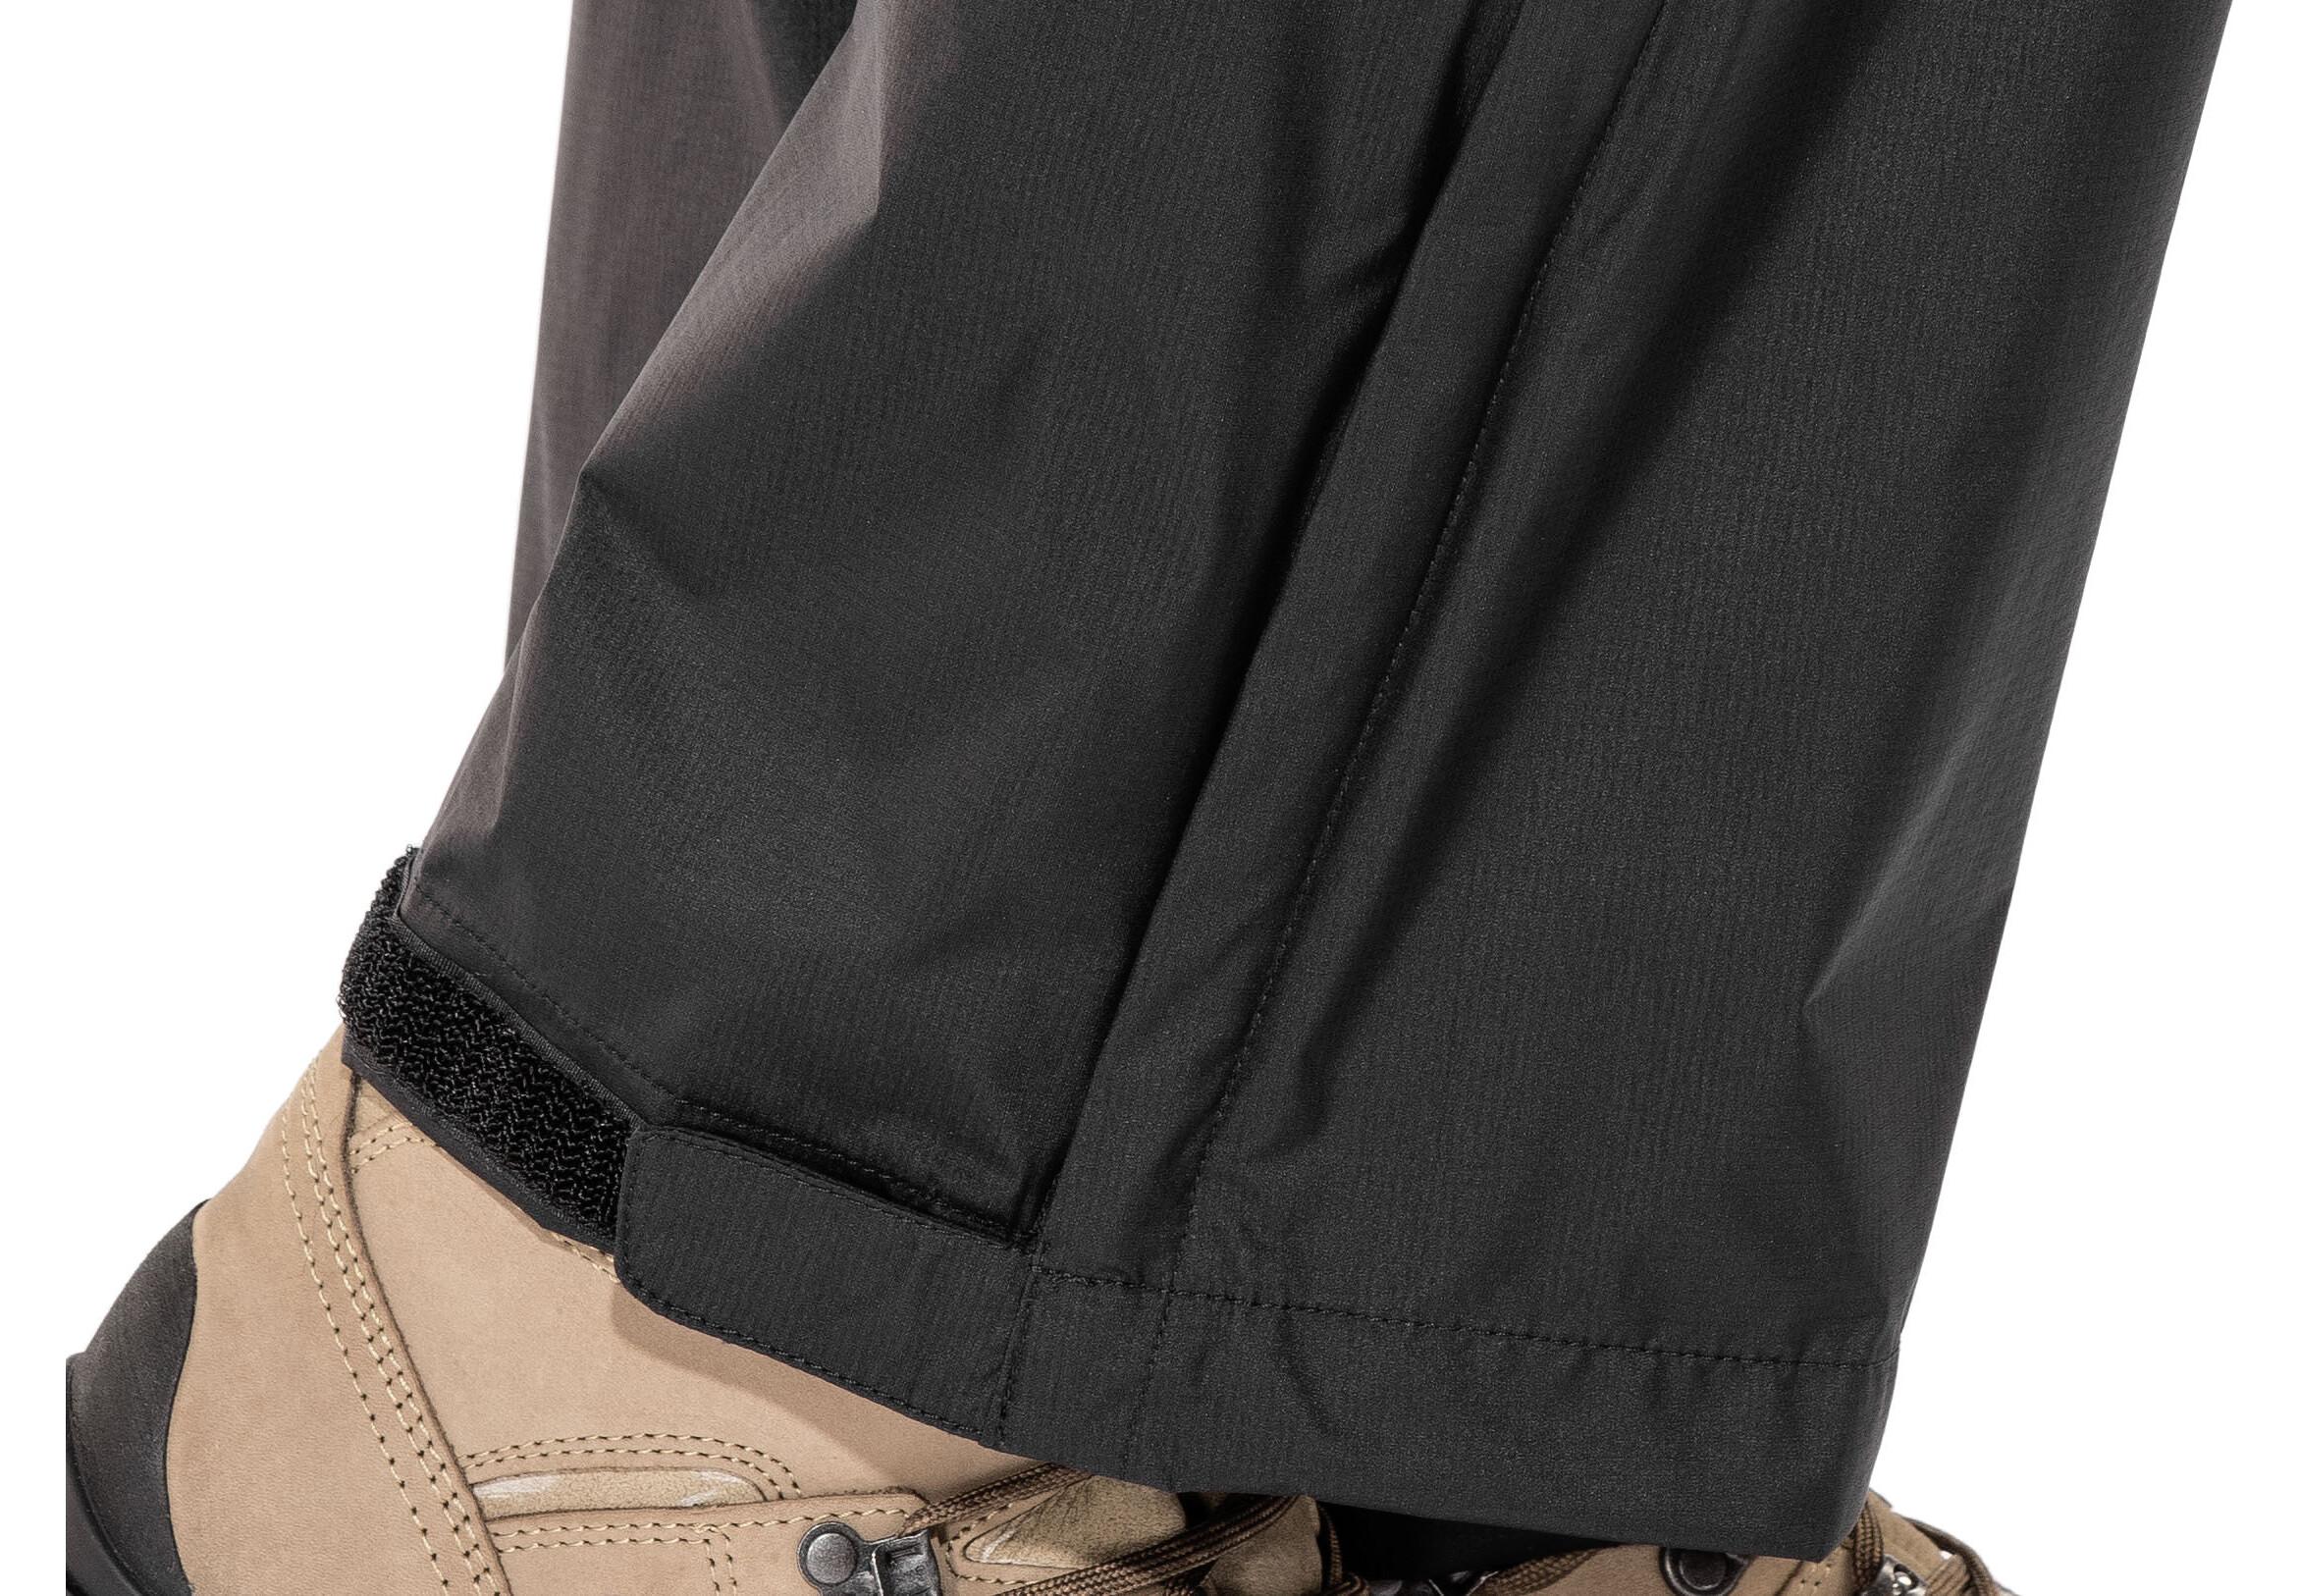 c9d7168221 The North Face Venture 2 - Pantalon Femme - noir sur CAMPZ !